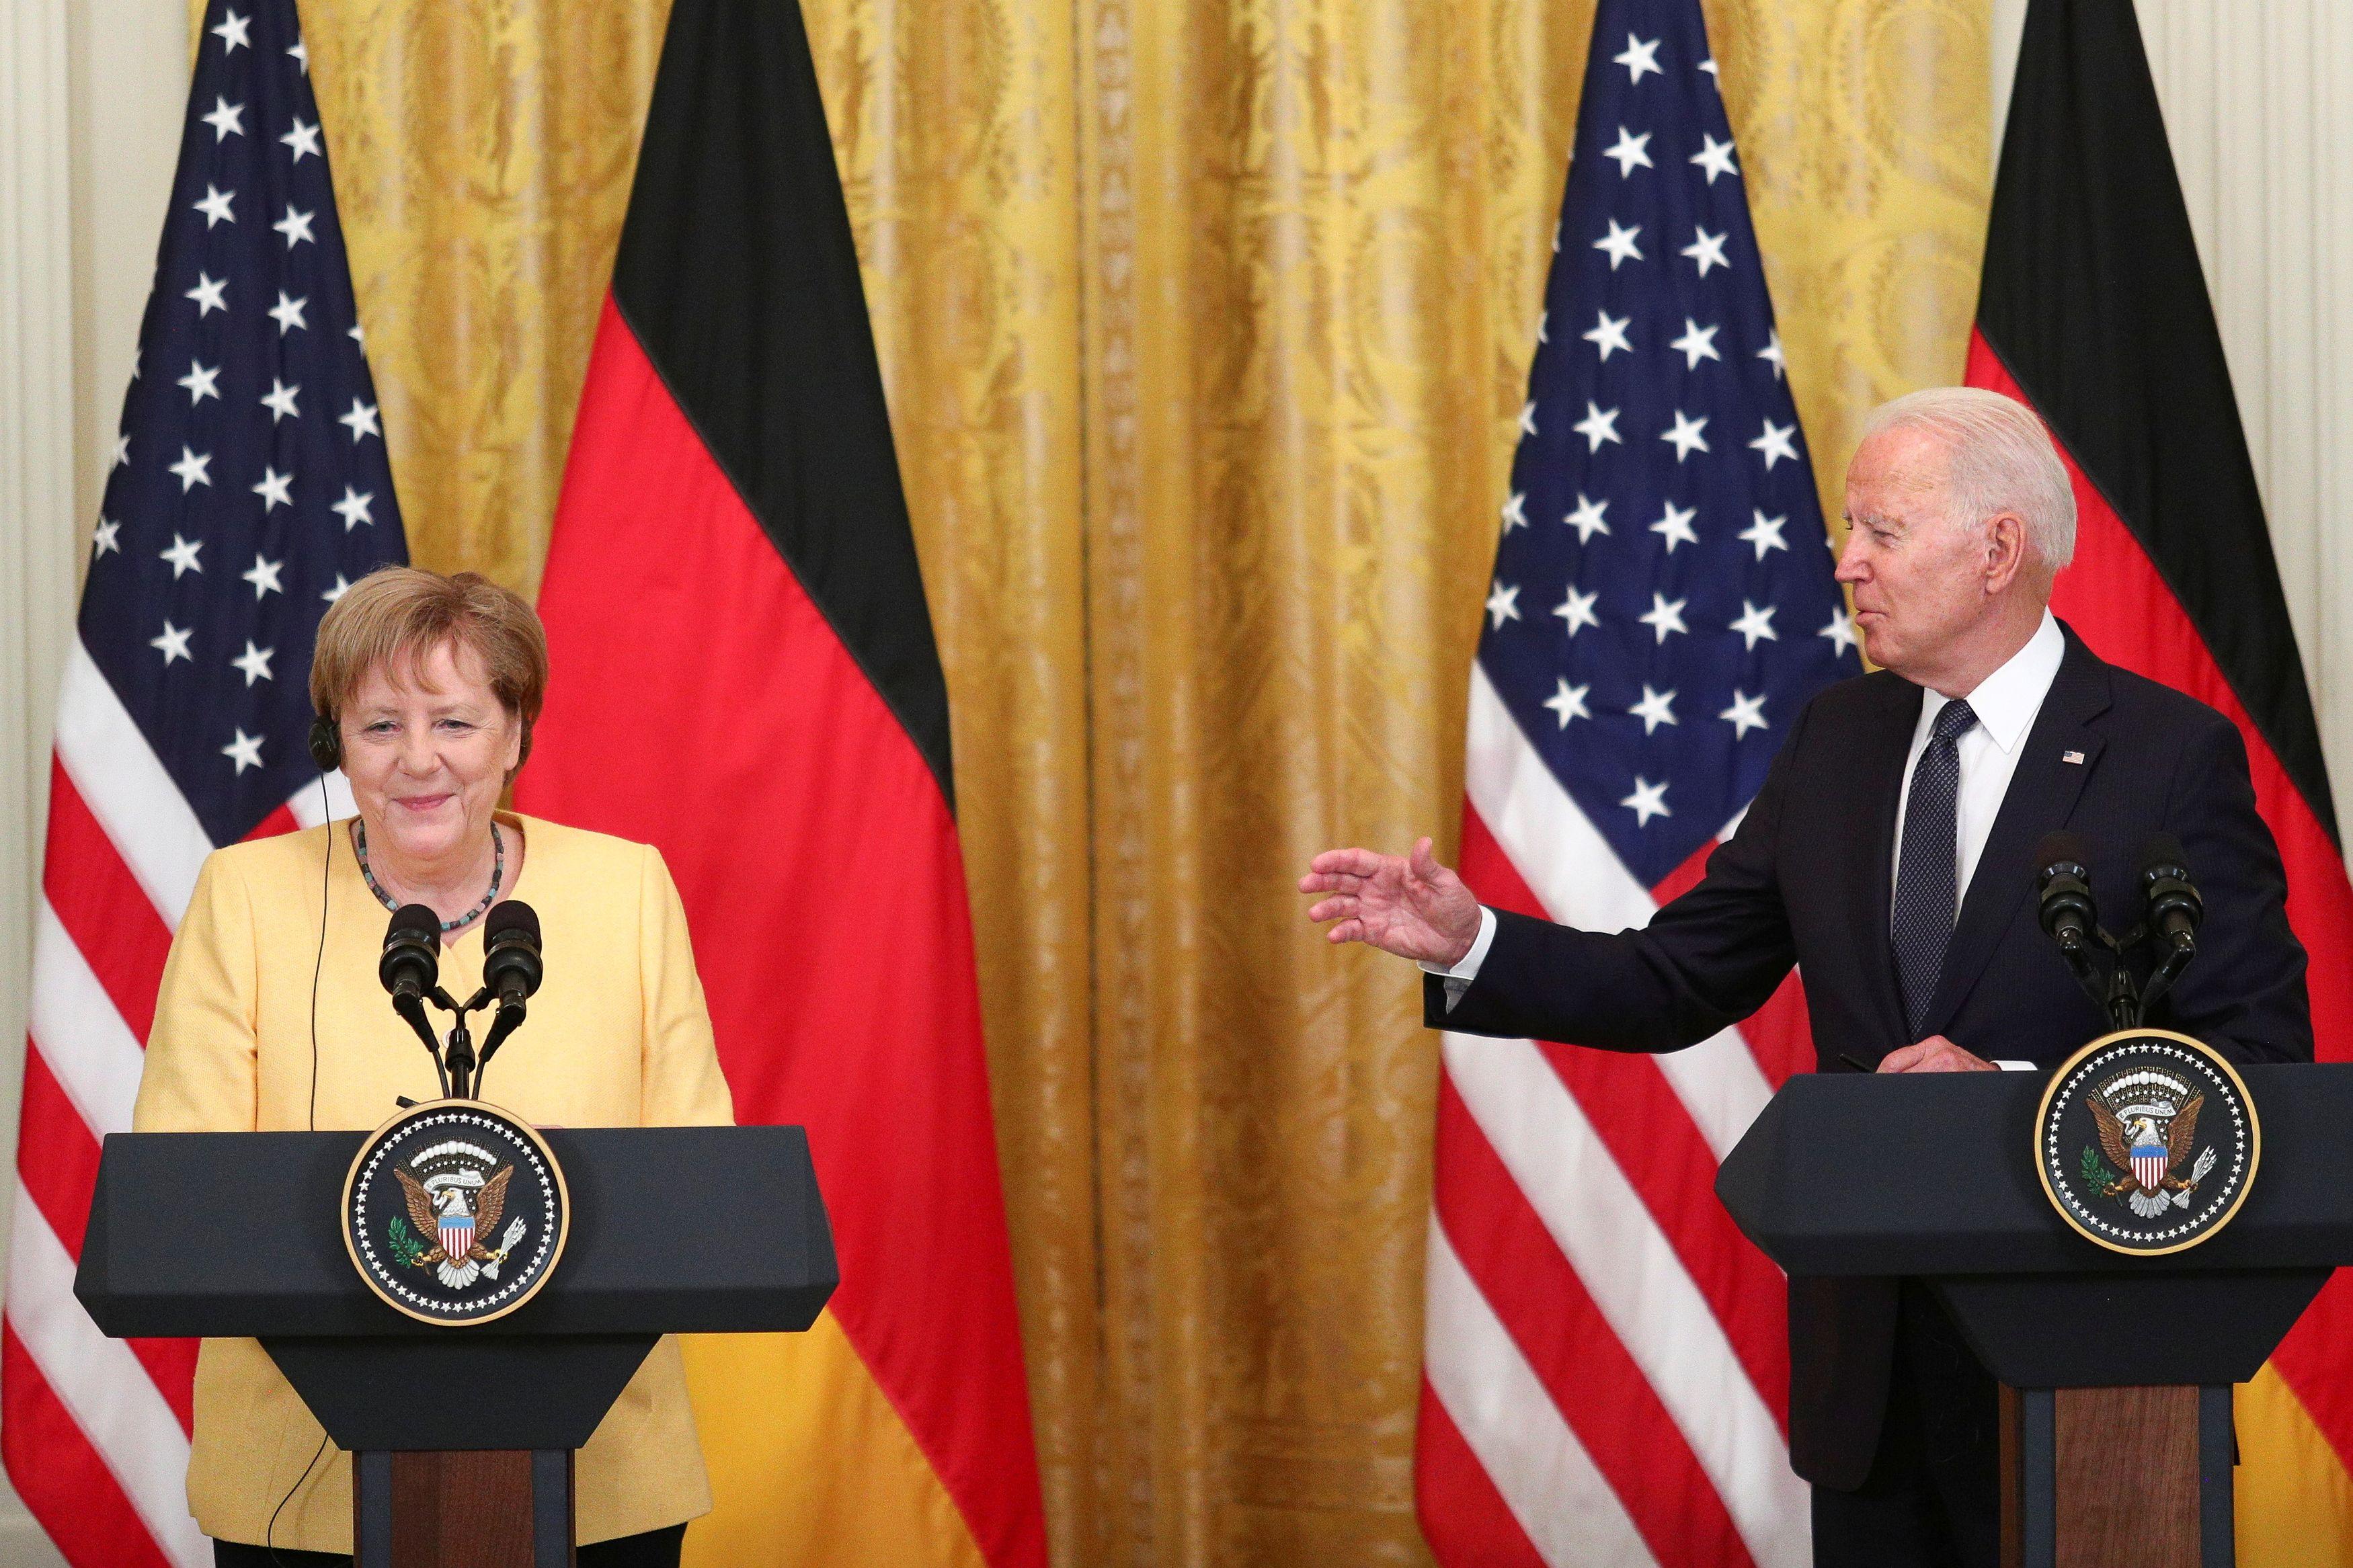 Biden raises concerns about Nord Stream-2 to Merkel - CGTN